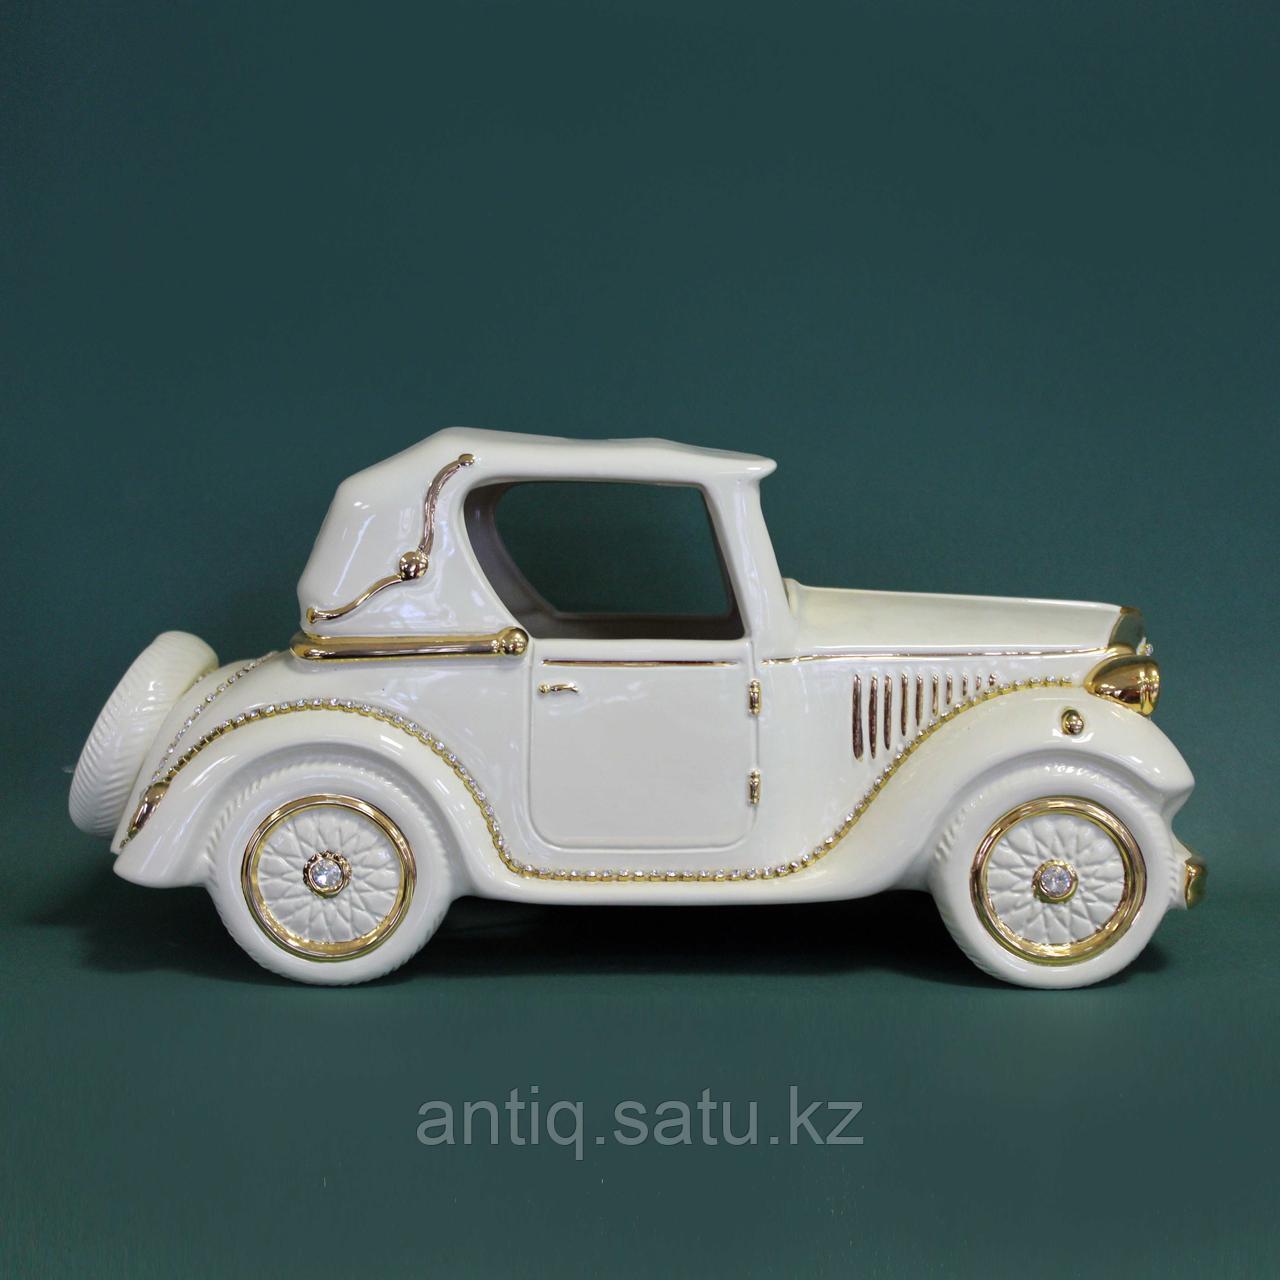 Светильник. Ретро-автомобиль с кристаллами сваровски. Фарфор - фото 2